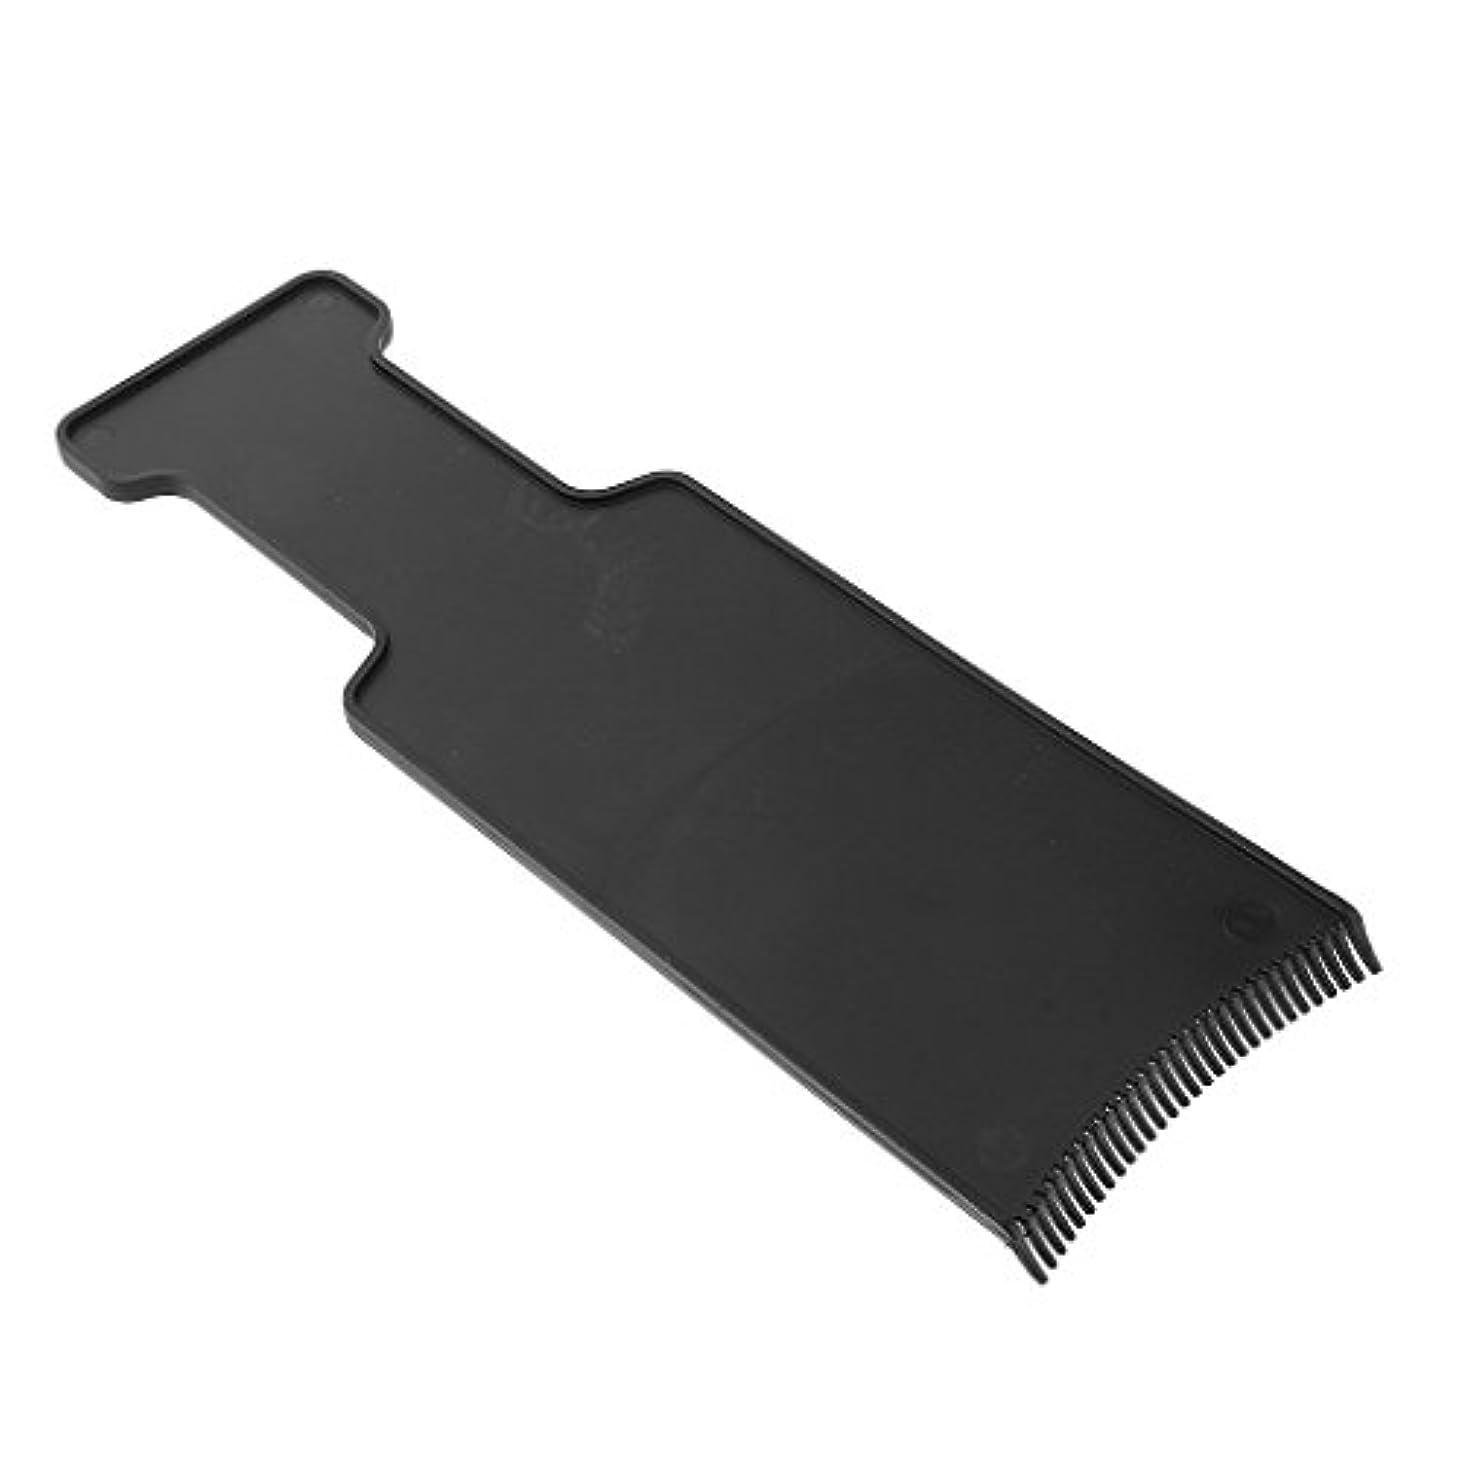 モネ副つまらないサロン ヘアカラー ボード ヘアカラーティント 美容 ヘア ツール 髪 保護 ブラック 全4サイズ - M